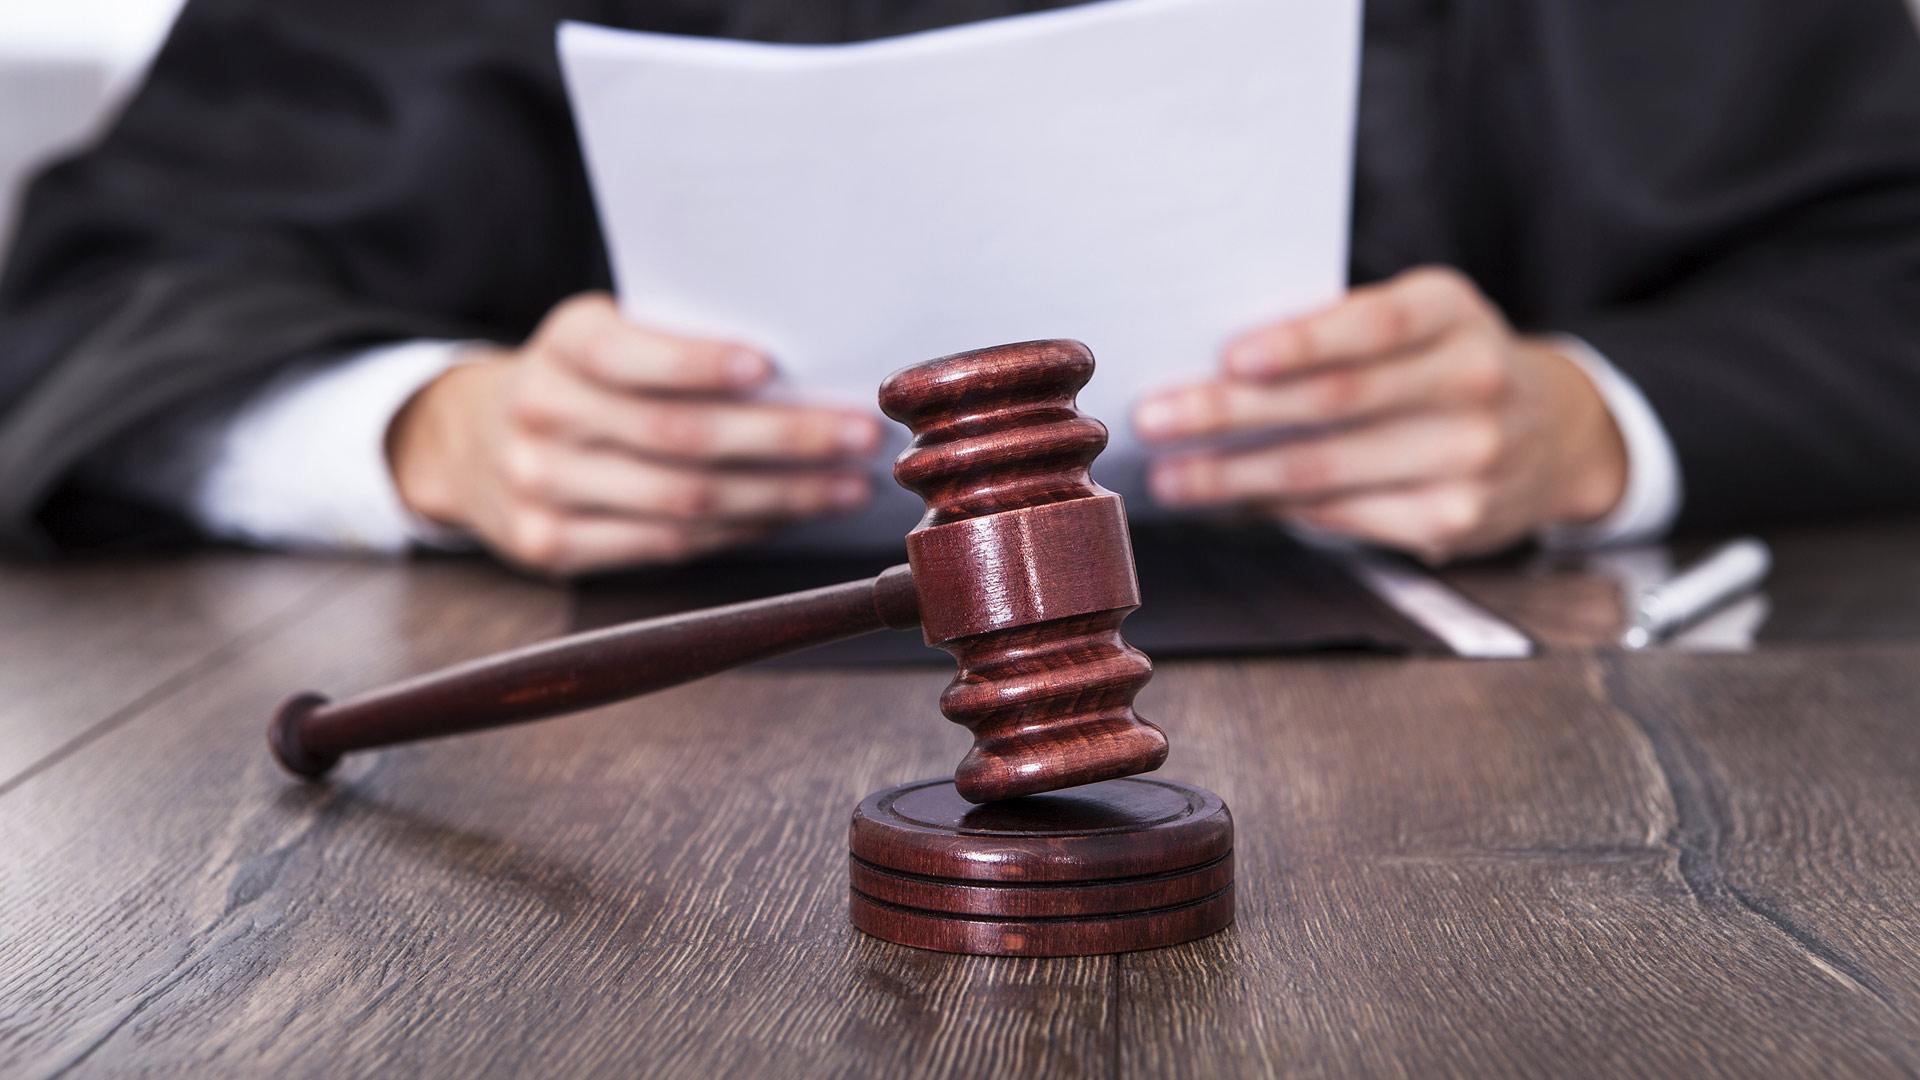 La empresa apelará la decisión que le obligaría a borrar de Internet los antecedentes penales de un hombre